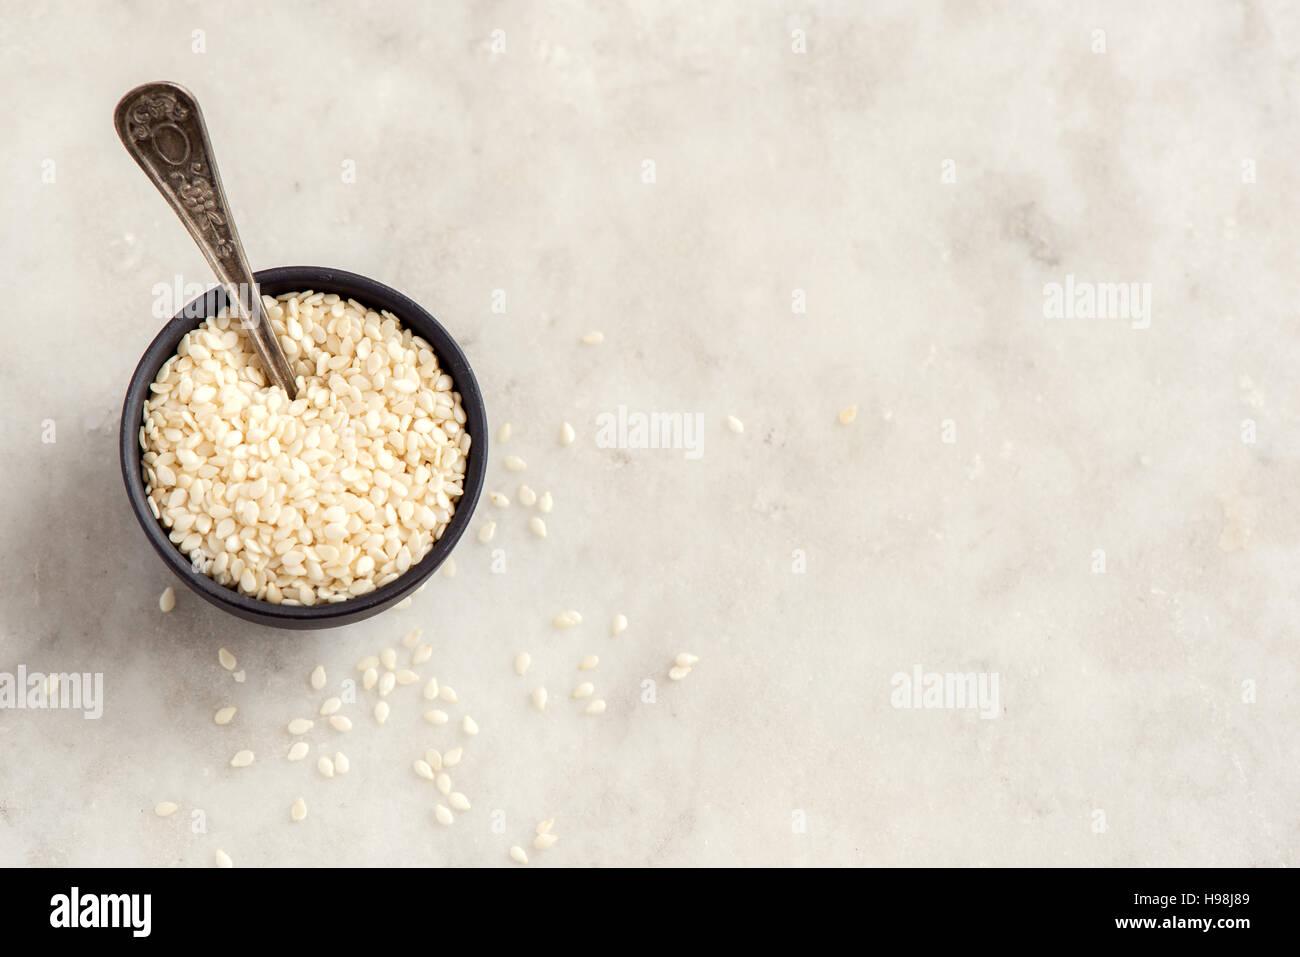 Sesam in weißem Stein Hintergrund mit textfreiraum - gesunde Lebensmittelzutat umwerfen Stockbild